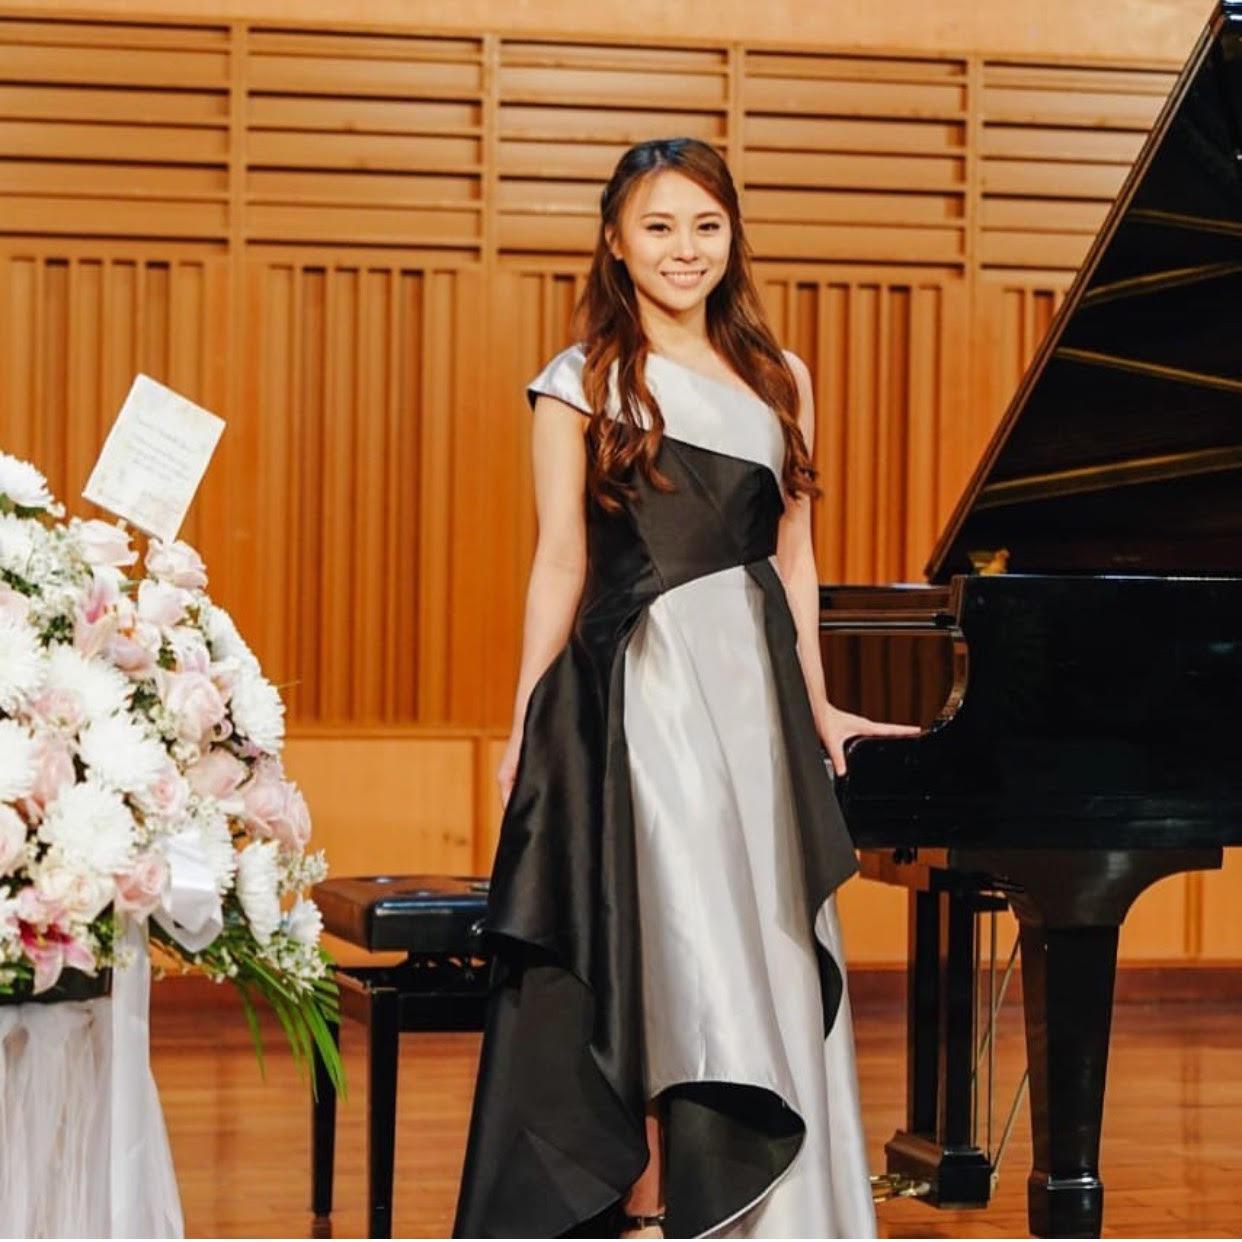 Ms Michelle - Piano Teacher